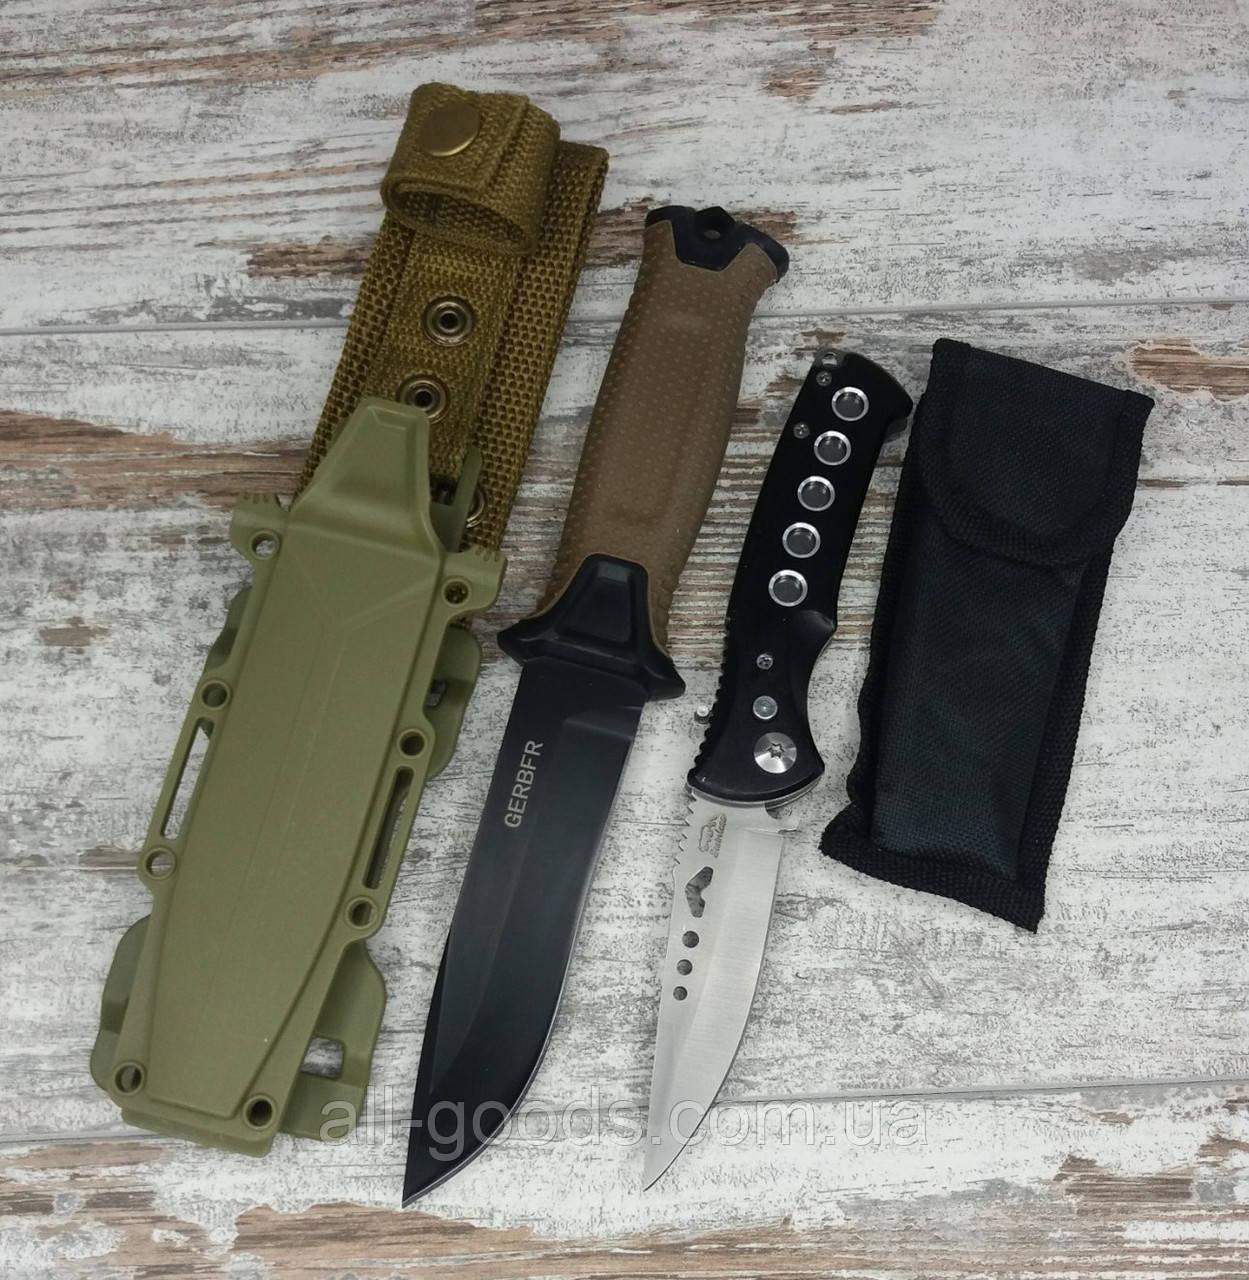 Тактический нож Gerber АК-207 в комплекте с универсальным выкидным ножом D-888 / 20 см All